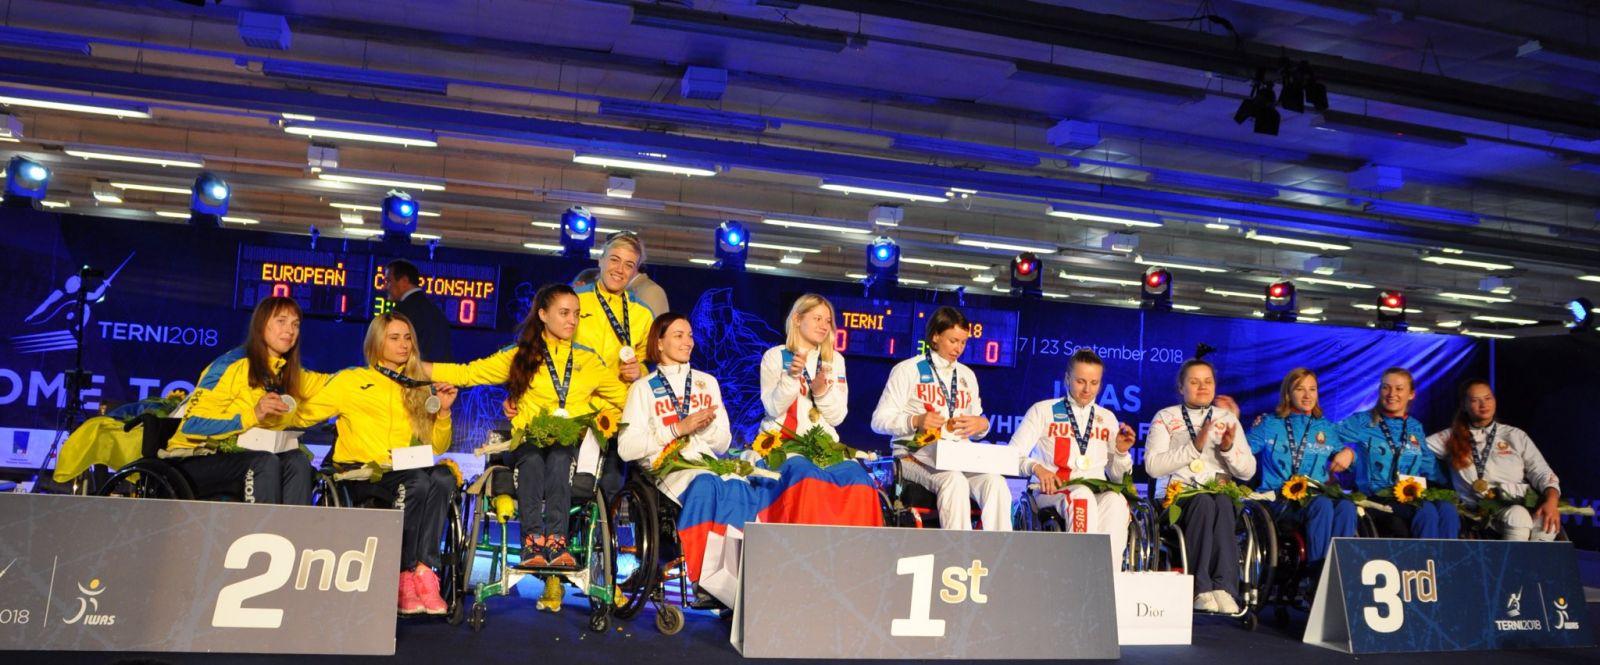 Сборная команда России по фехтованию на колясках завоевала 8 золотых, 3 серебряные и 9 бронзовых медалей чемпионата Европы в Италии